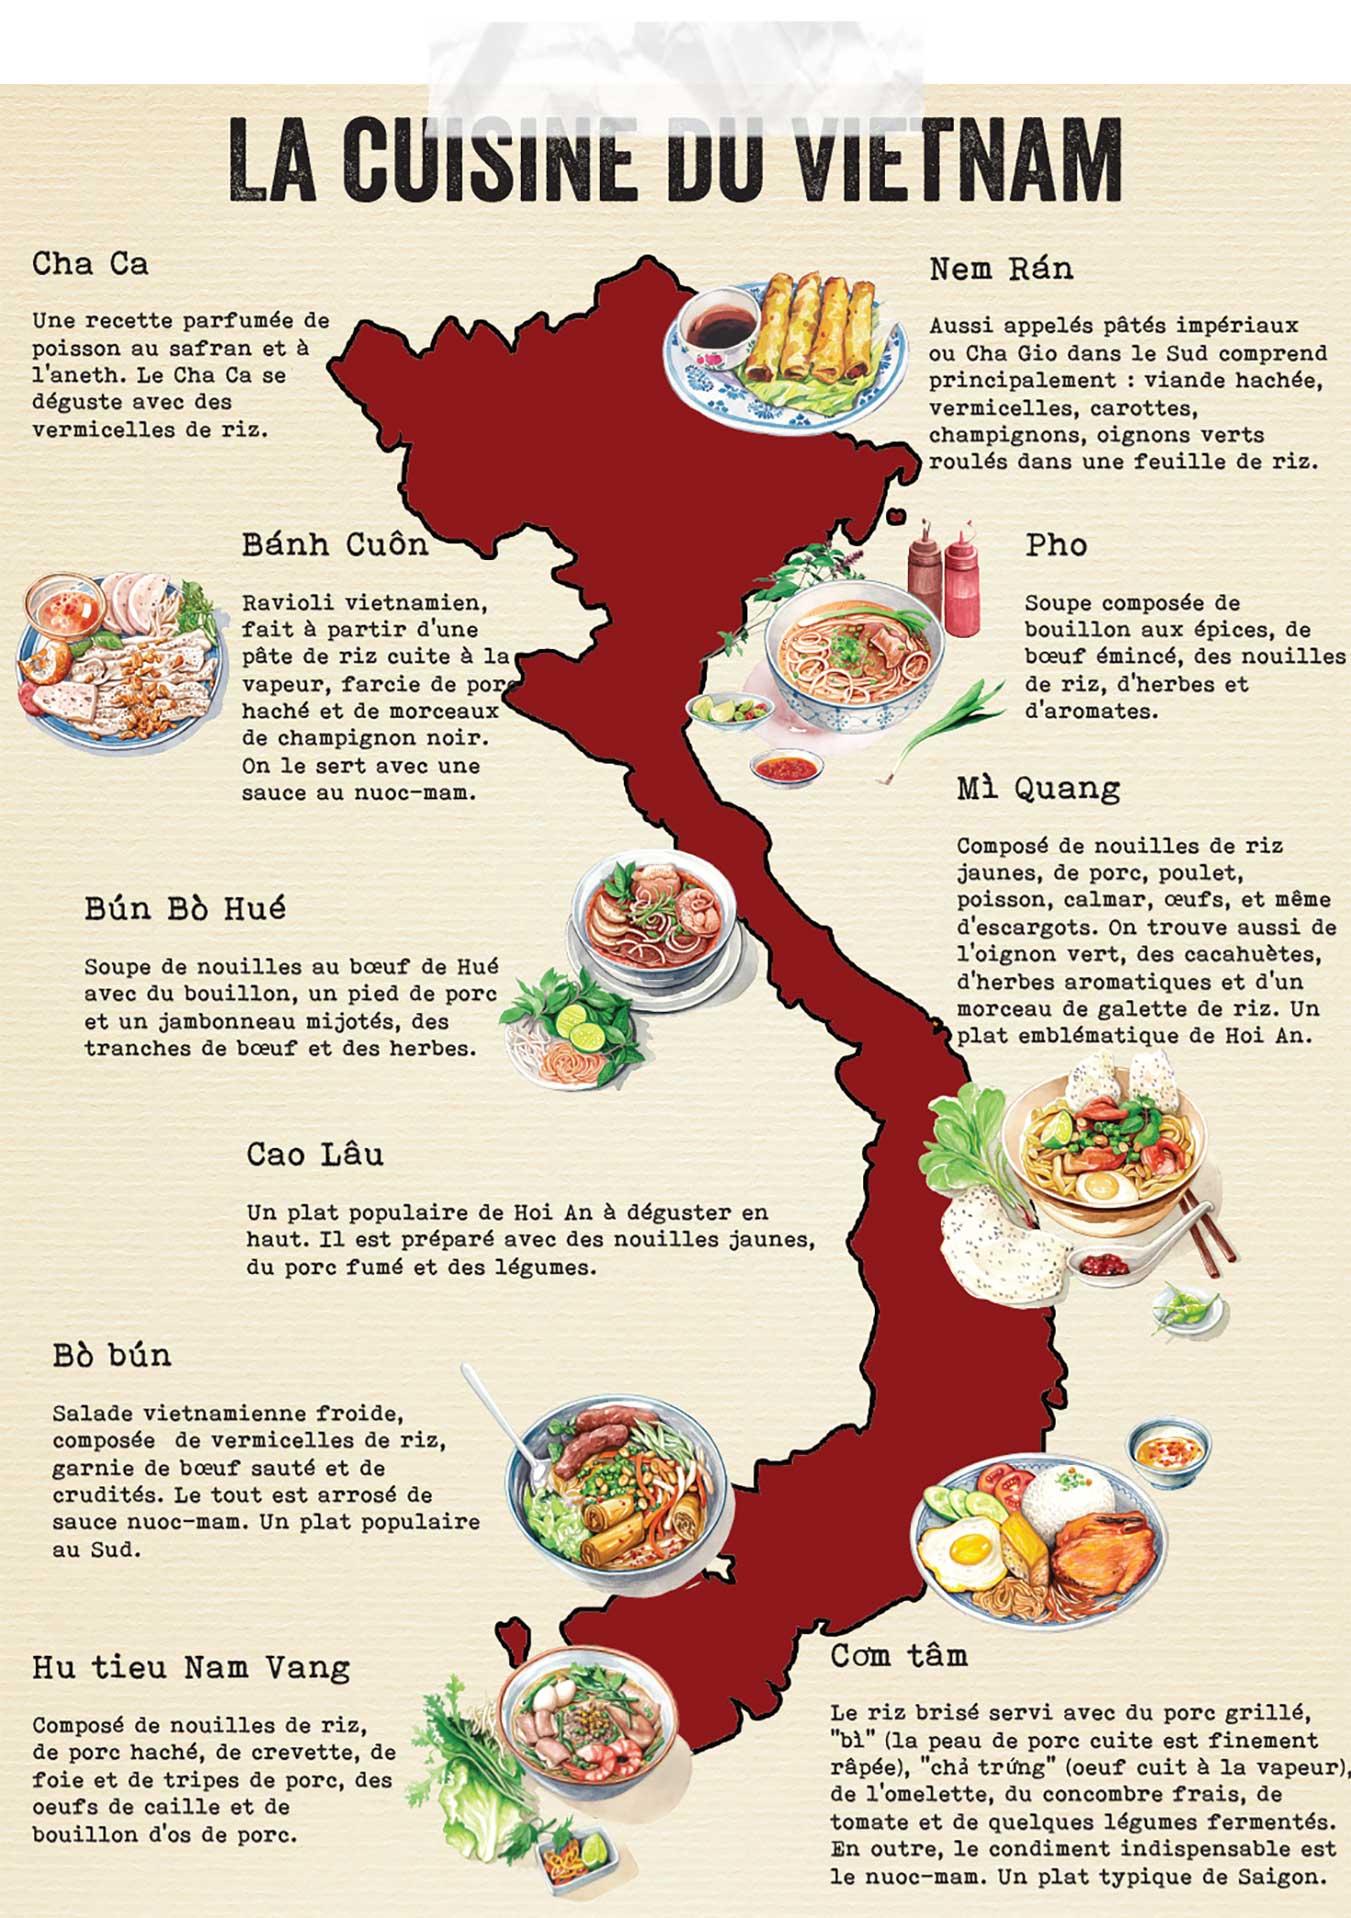 La gastronomie vietnamienne - Cuisines régionales